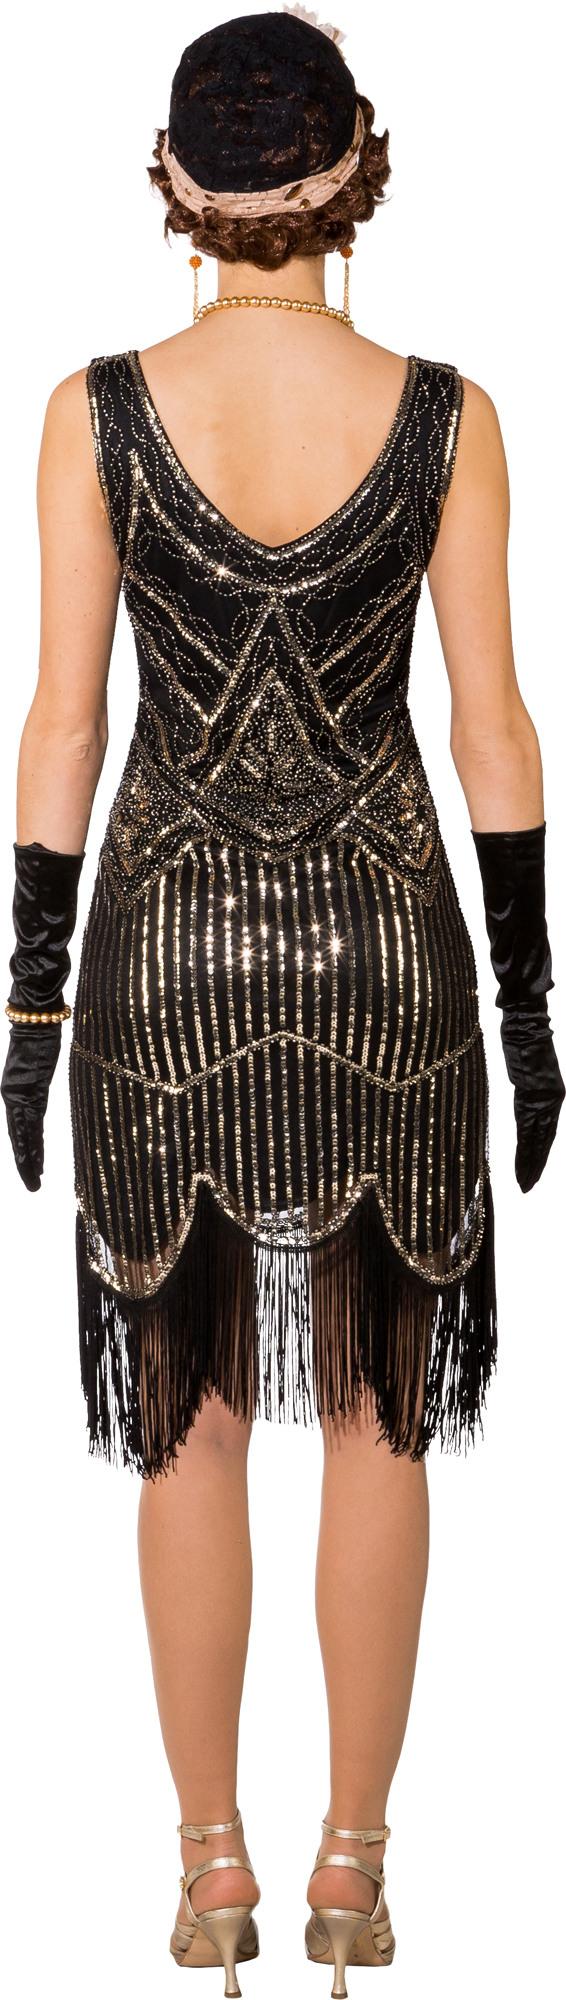 Fasching Kostüm Damen Charleston 20Er Jahre Kleid Schwarz